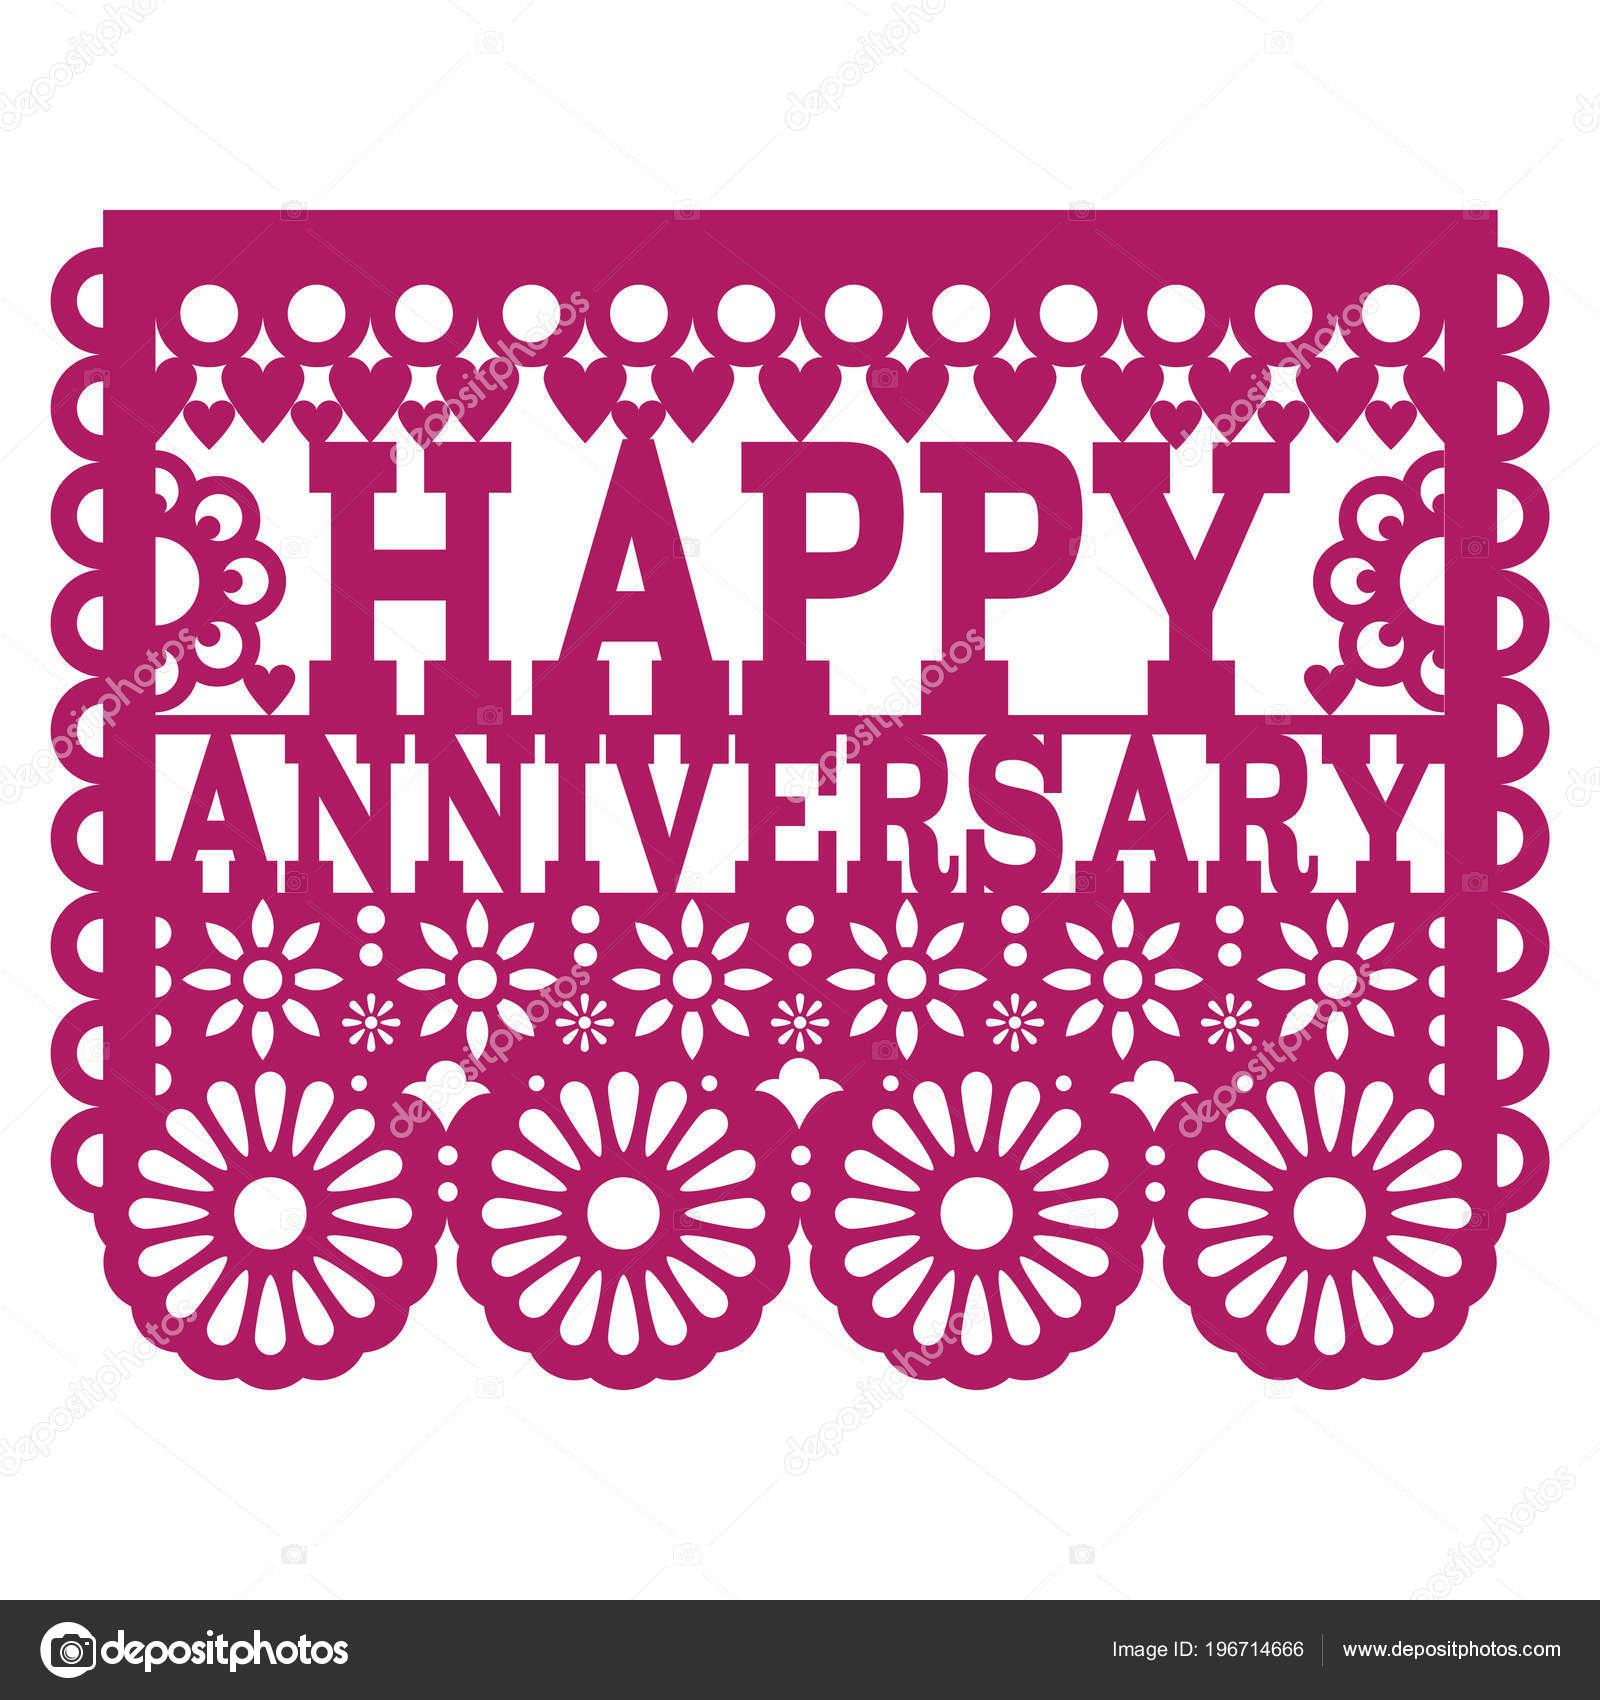 Happy anniversary papel picado vector design purple greeting card happy anniversary papel picado vector design purple greeting card mexican stock vector m4hsunfo